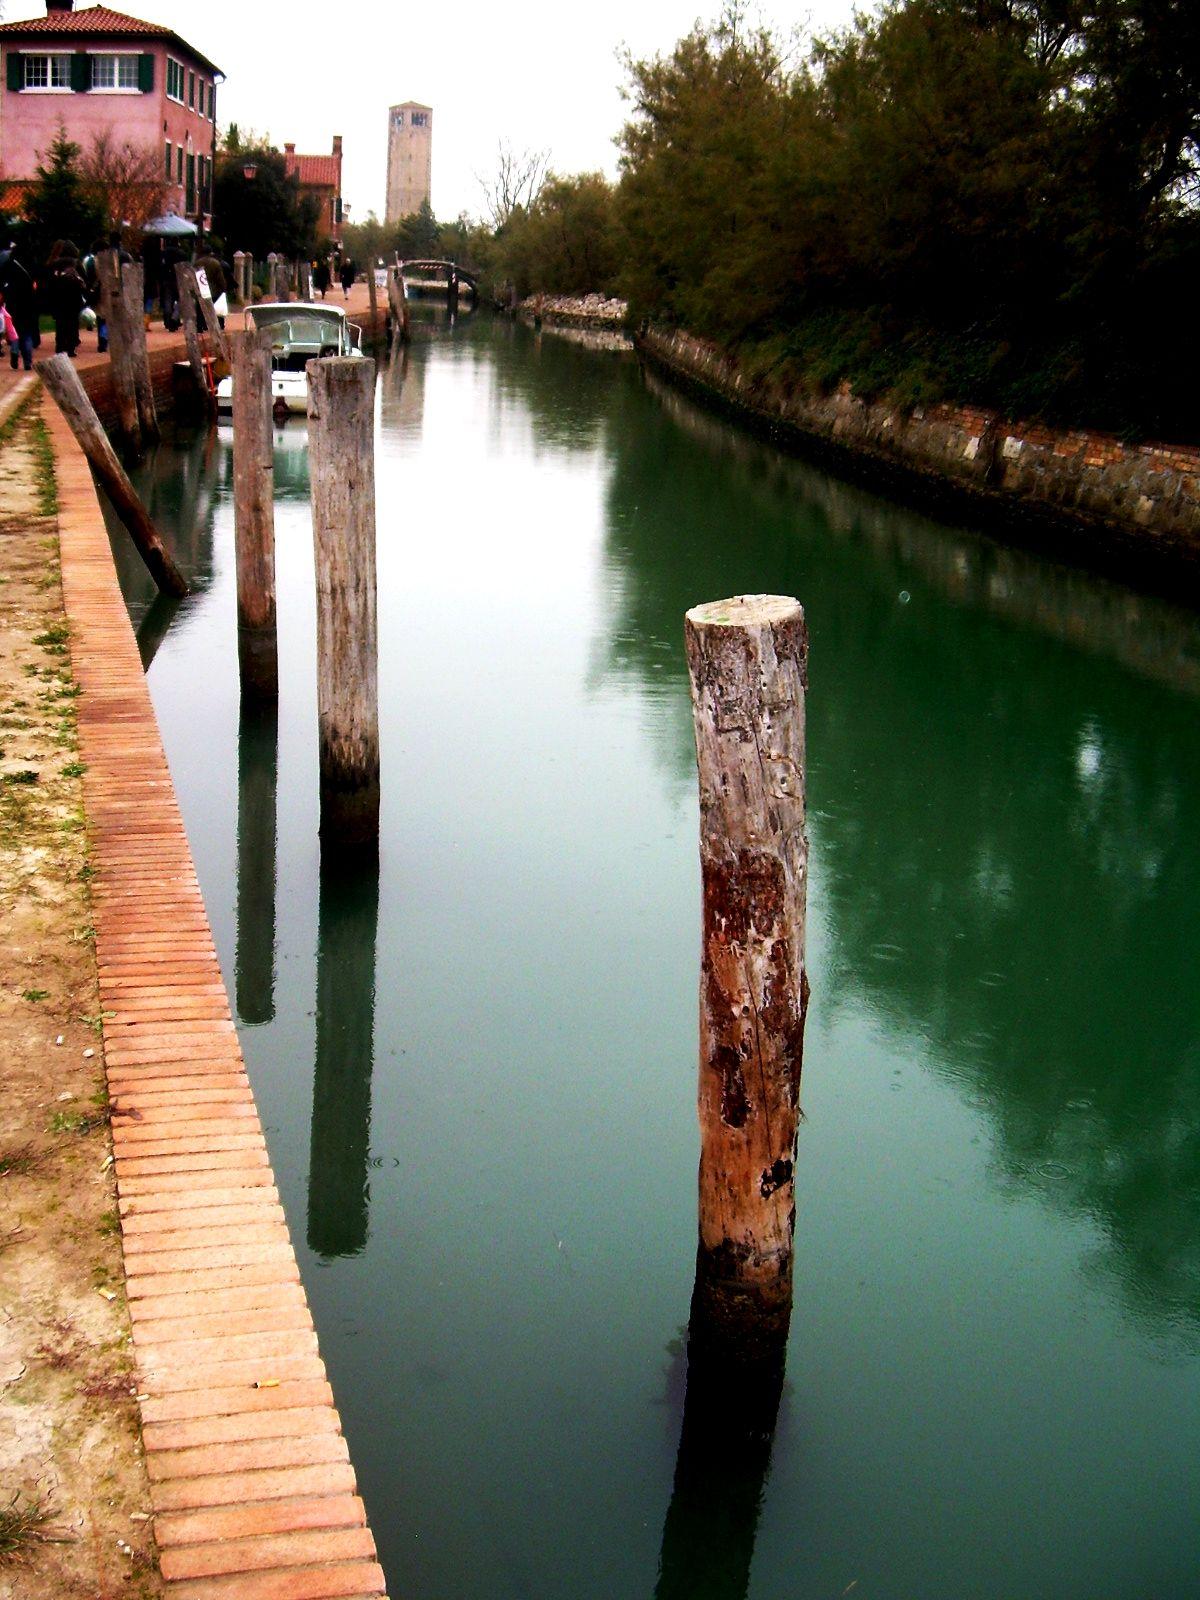 #Torcello, Italy by Maja Meza